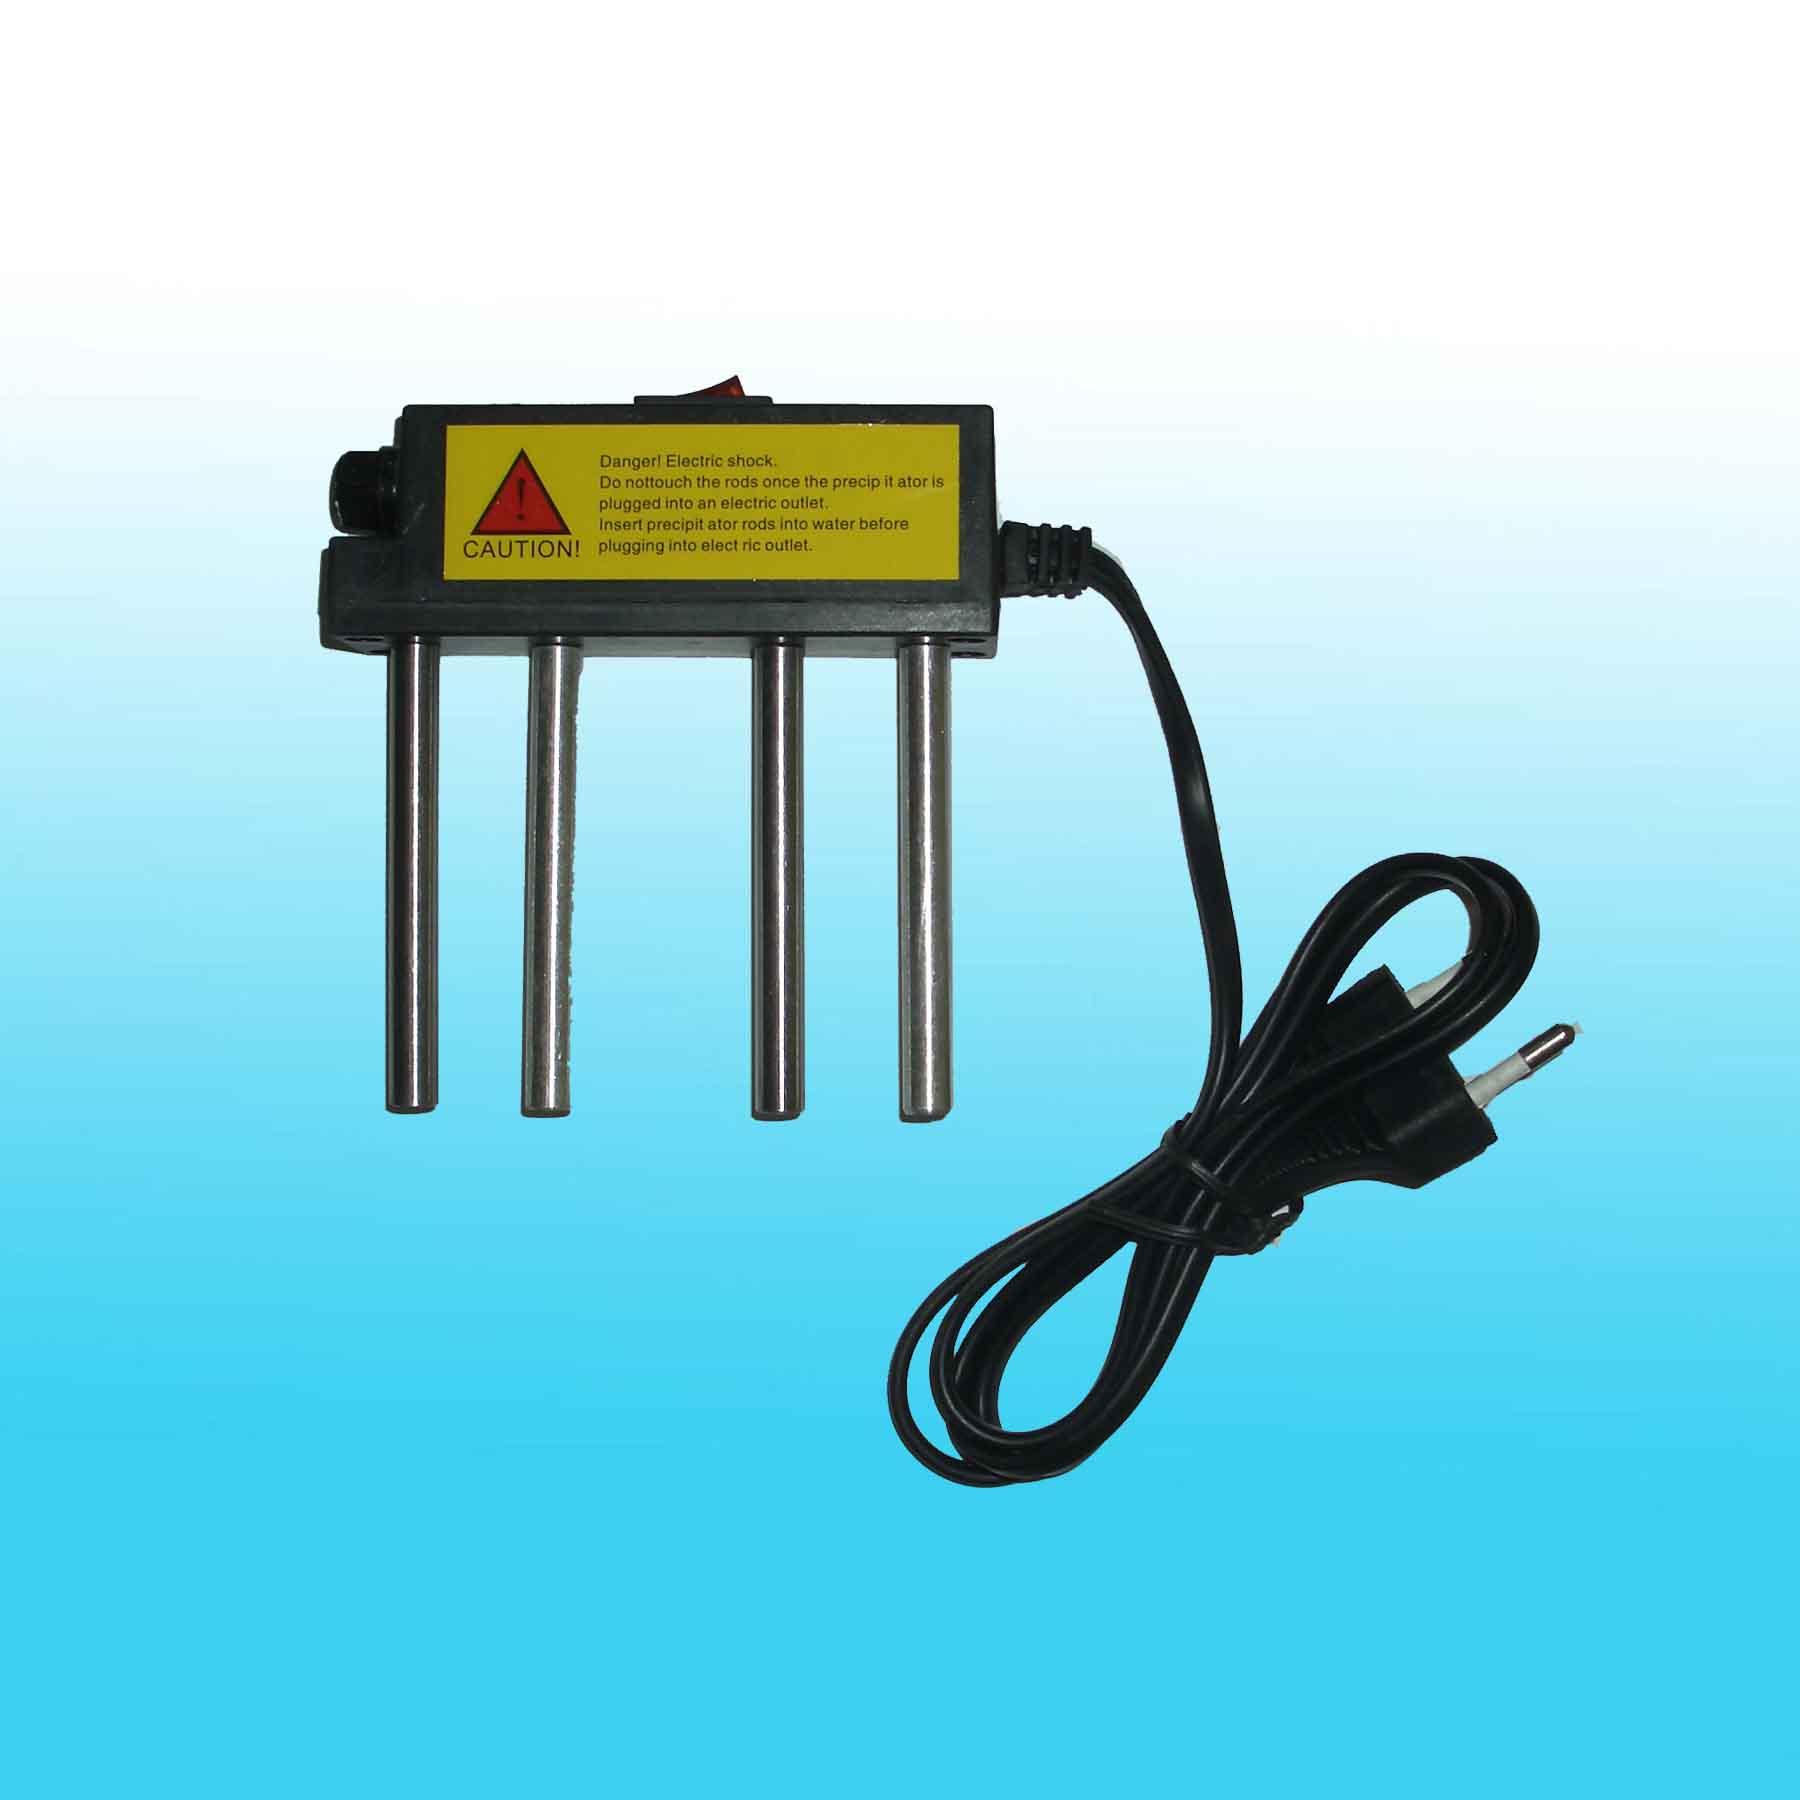 เครื่องแยกสาร (Electrolysis),เครื่องตรวจสนิมเหล็กในน้ำ,เครื่องซ็อตน้ำ